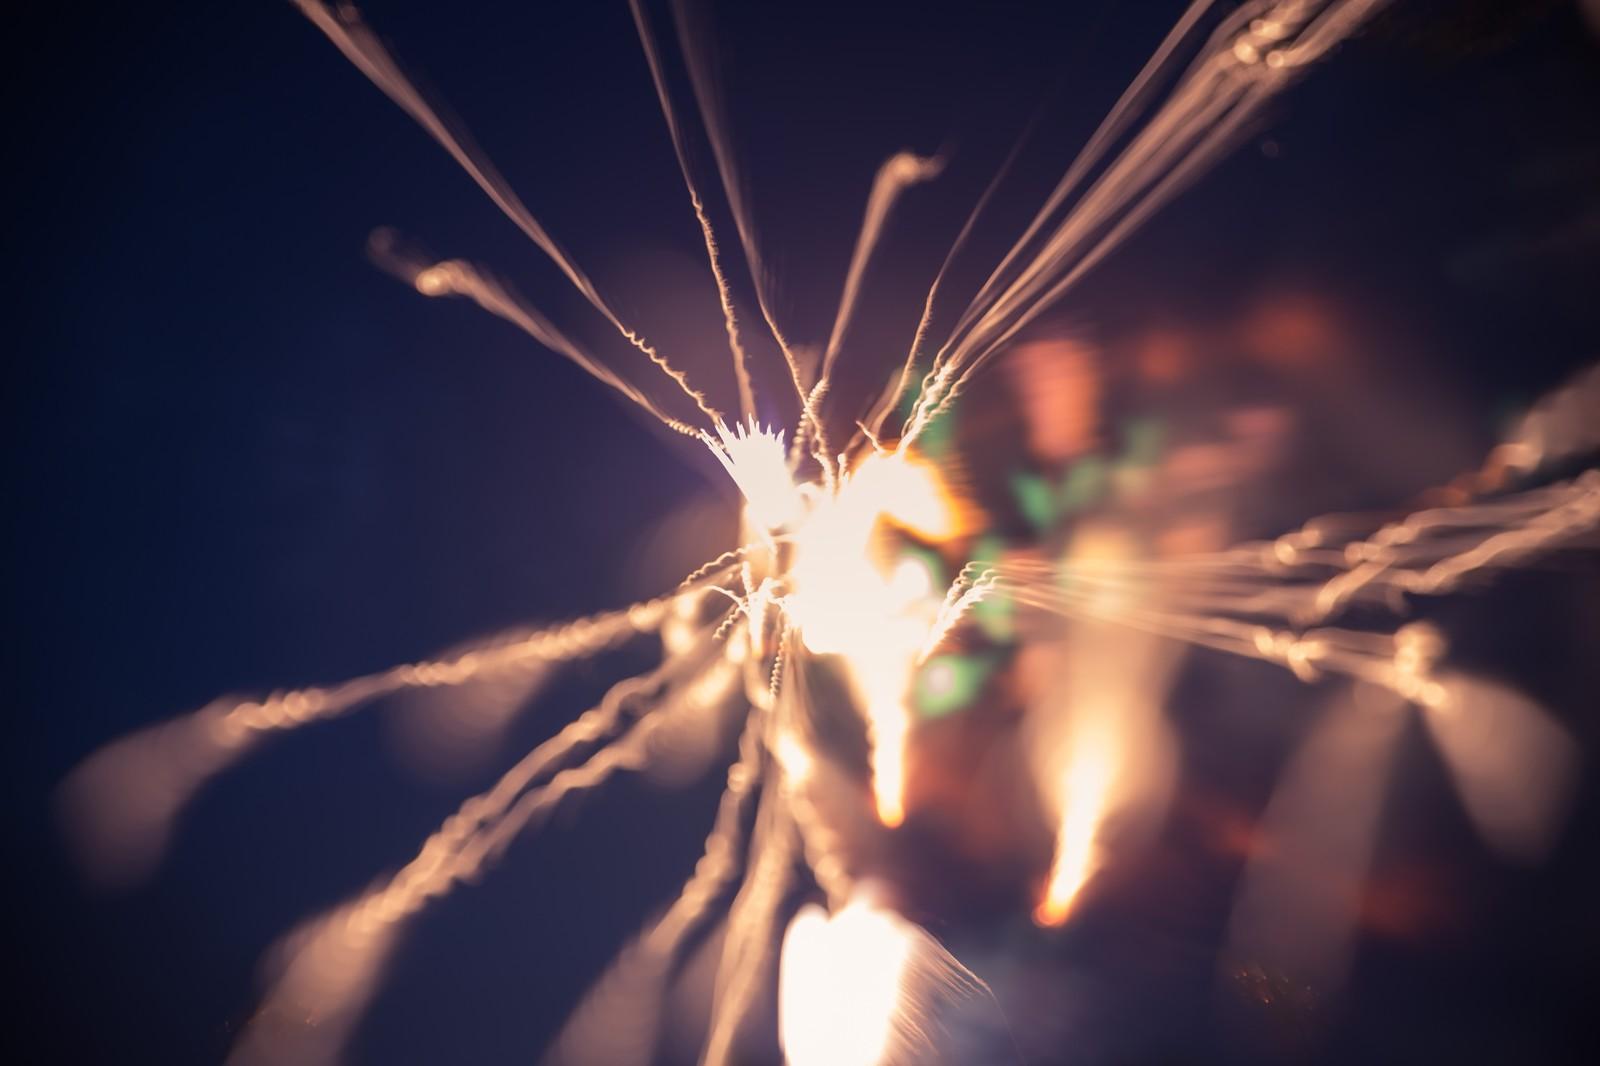 中野区の「中野平和の森公園」で花火をしてきました!そのときの情報です!【杉並区,新宿区,世田谷区,渋谷区,目黒区,武蔵野市,三鷹市からも行きやすい】